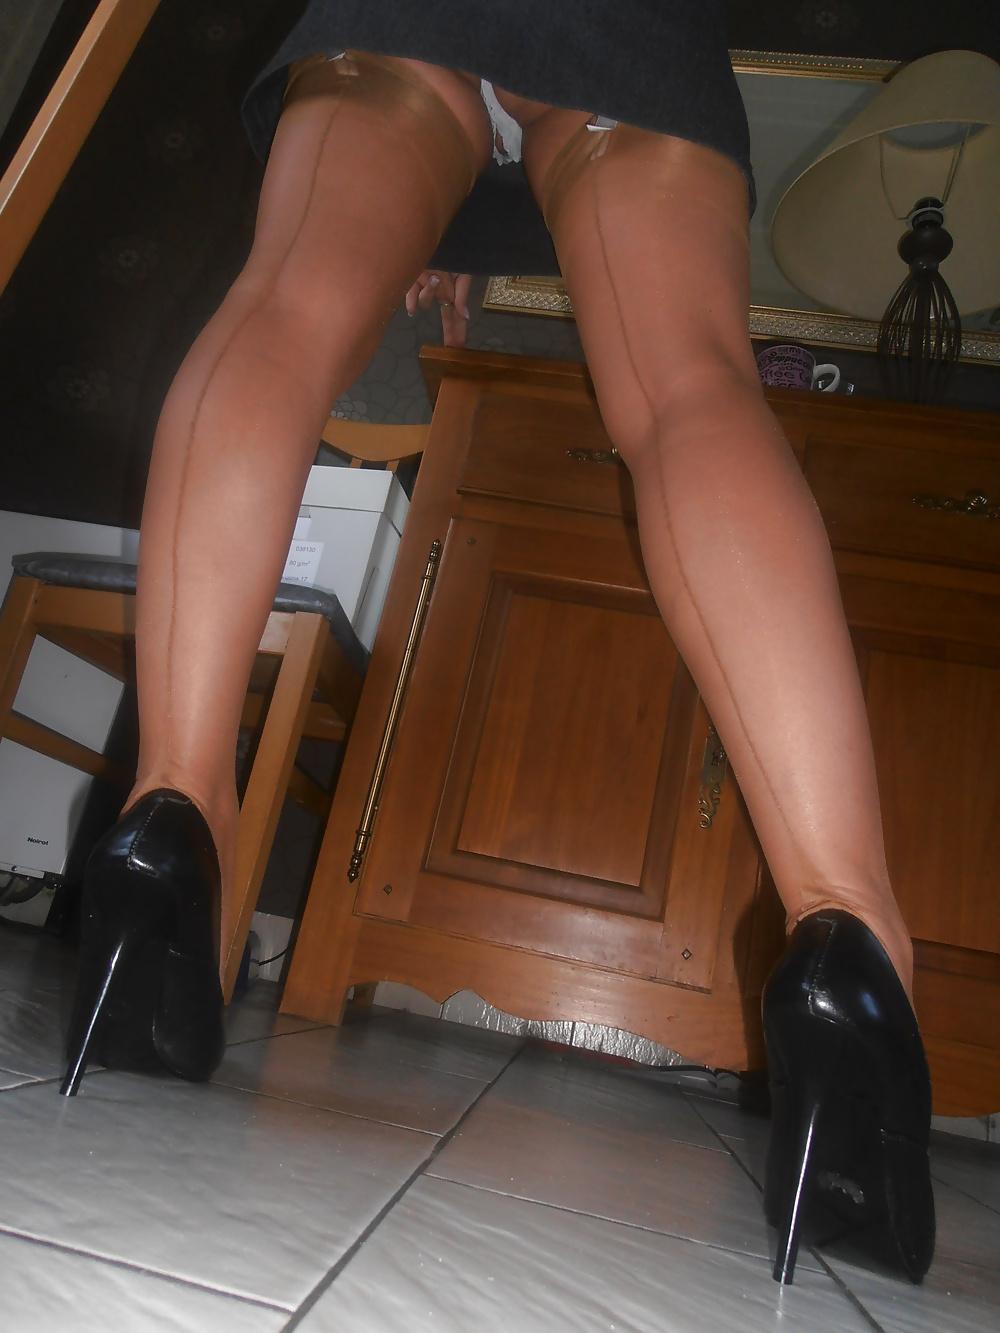 Ψηλή και έκφυλη ξανθιά MiLf, ποζάρει με ψηλοτάκουνες γόβες και ζαρτιέρες! 18